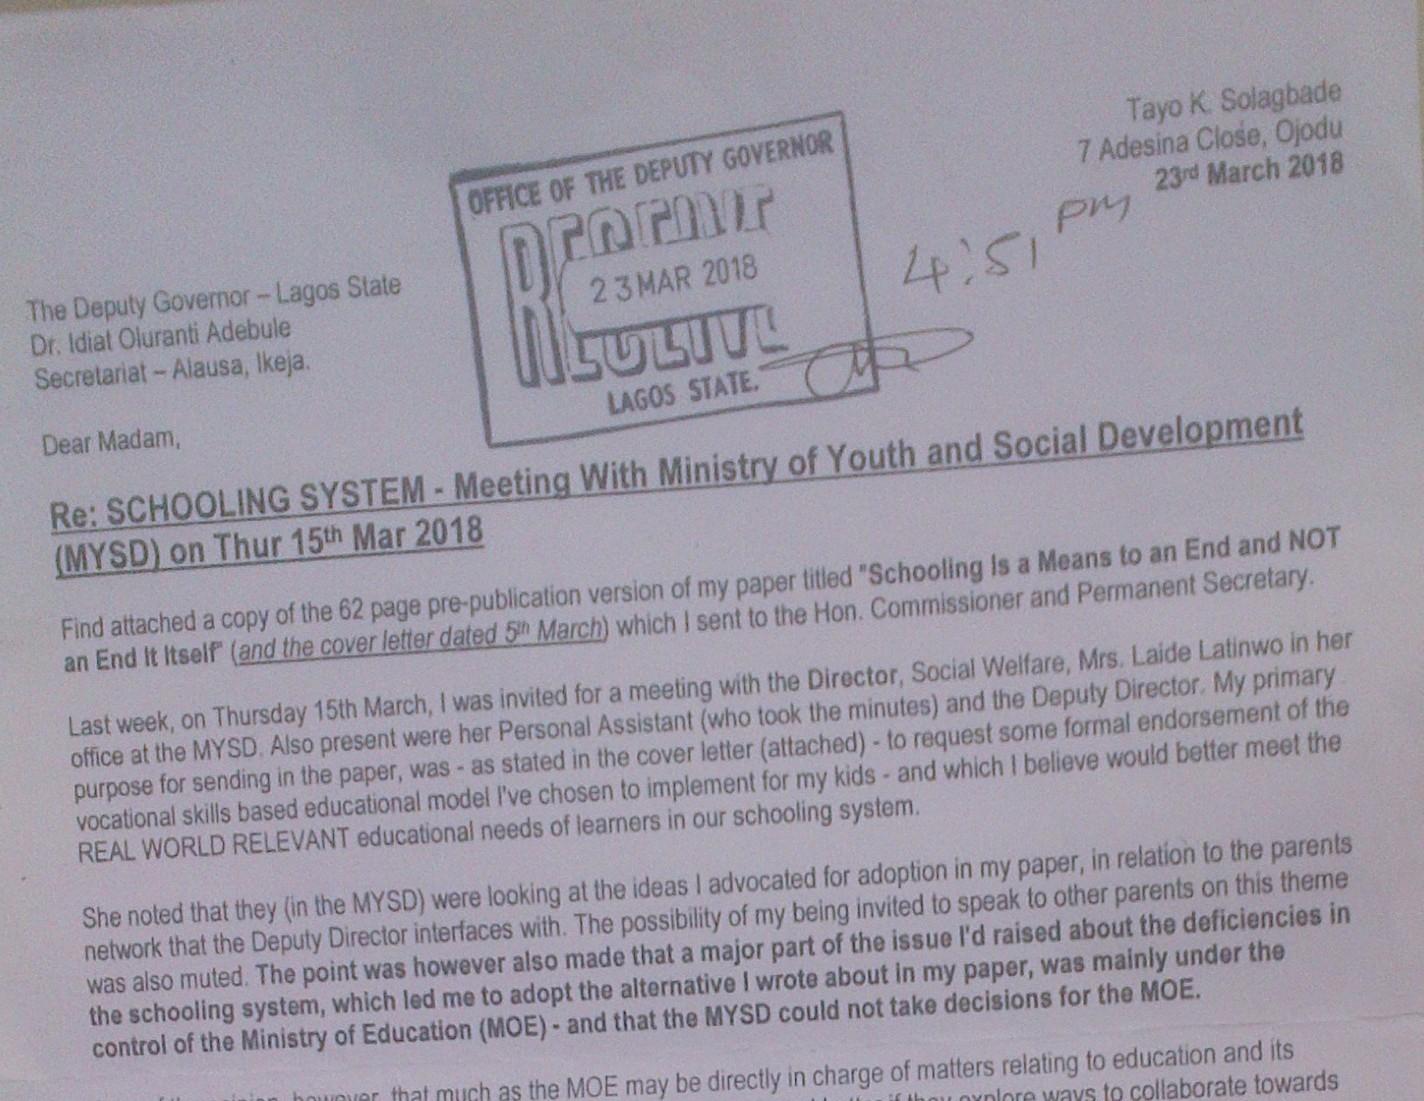 skul-paper-dep-gov-letter-thb